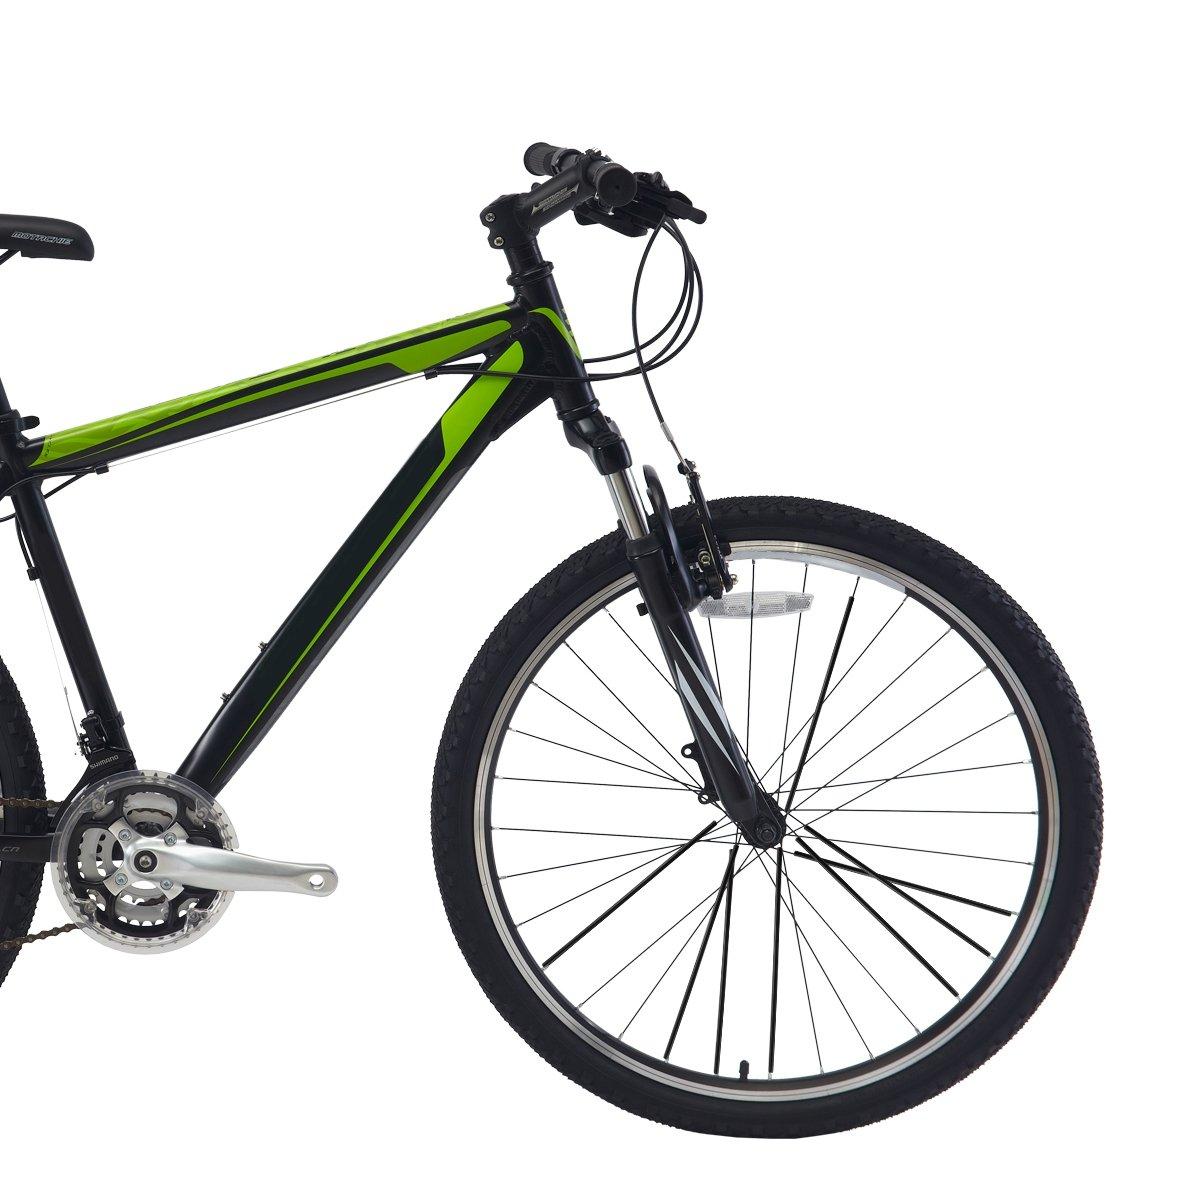 Clispeed 75 PCS Copri raggi per moto e bici per la decorazione Spoke skins copriraggi per protezione e decorazione di moto e biciclette Nero